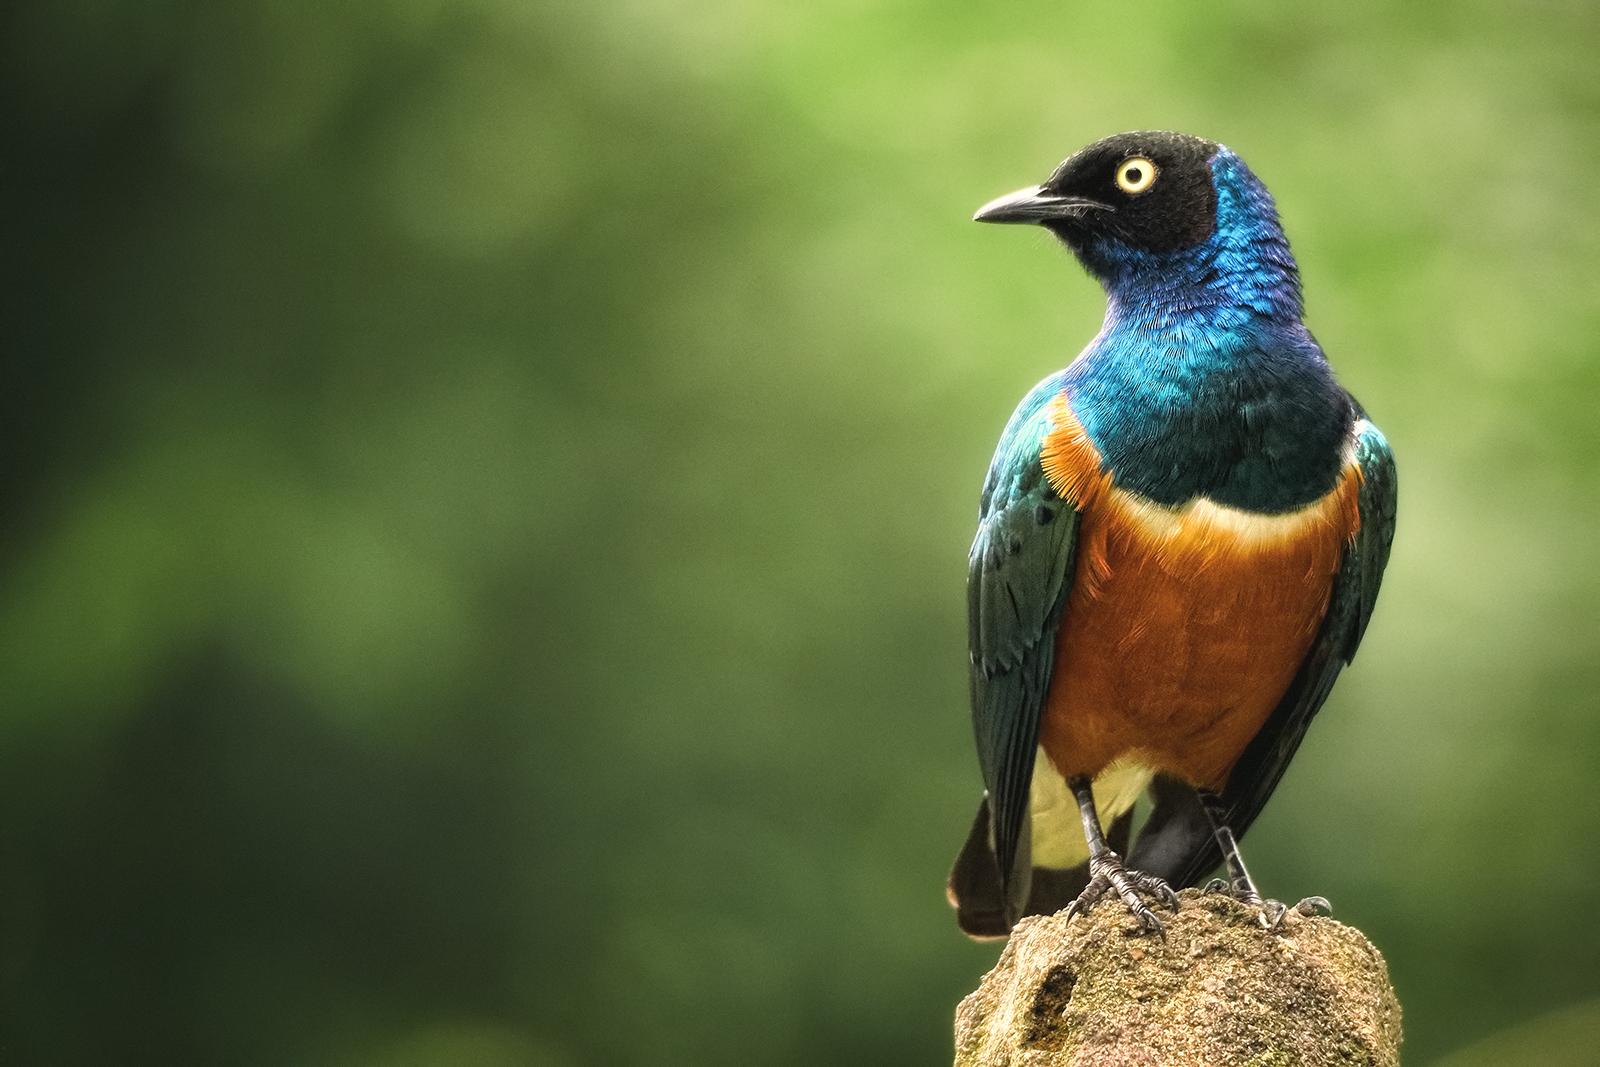 Closeup of a Superb Starling